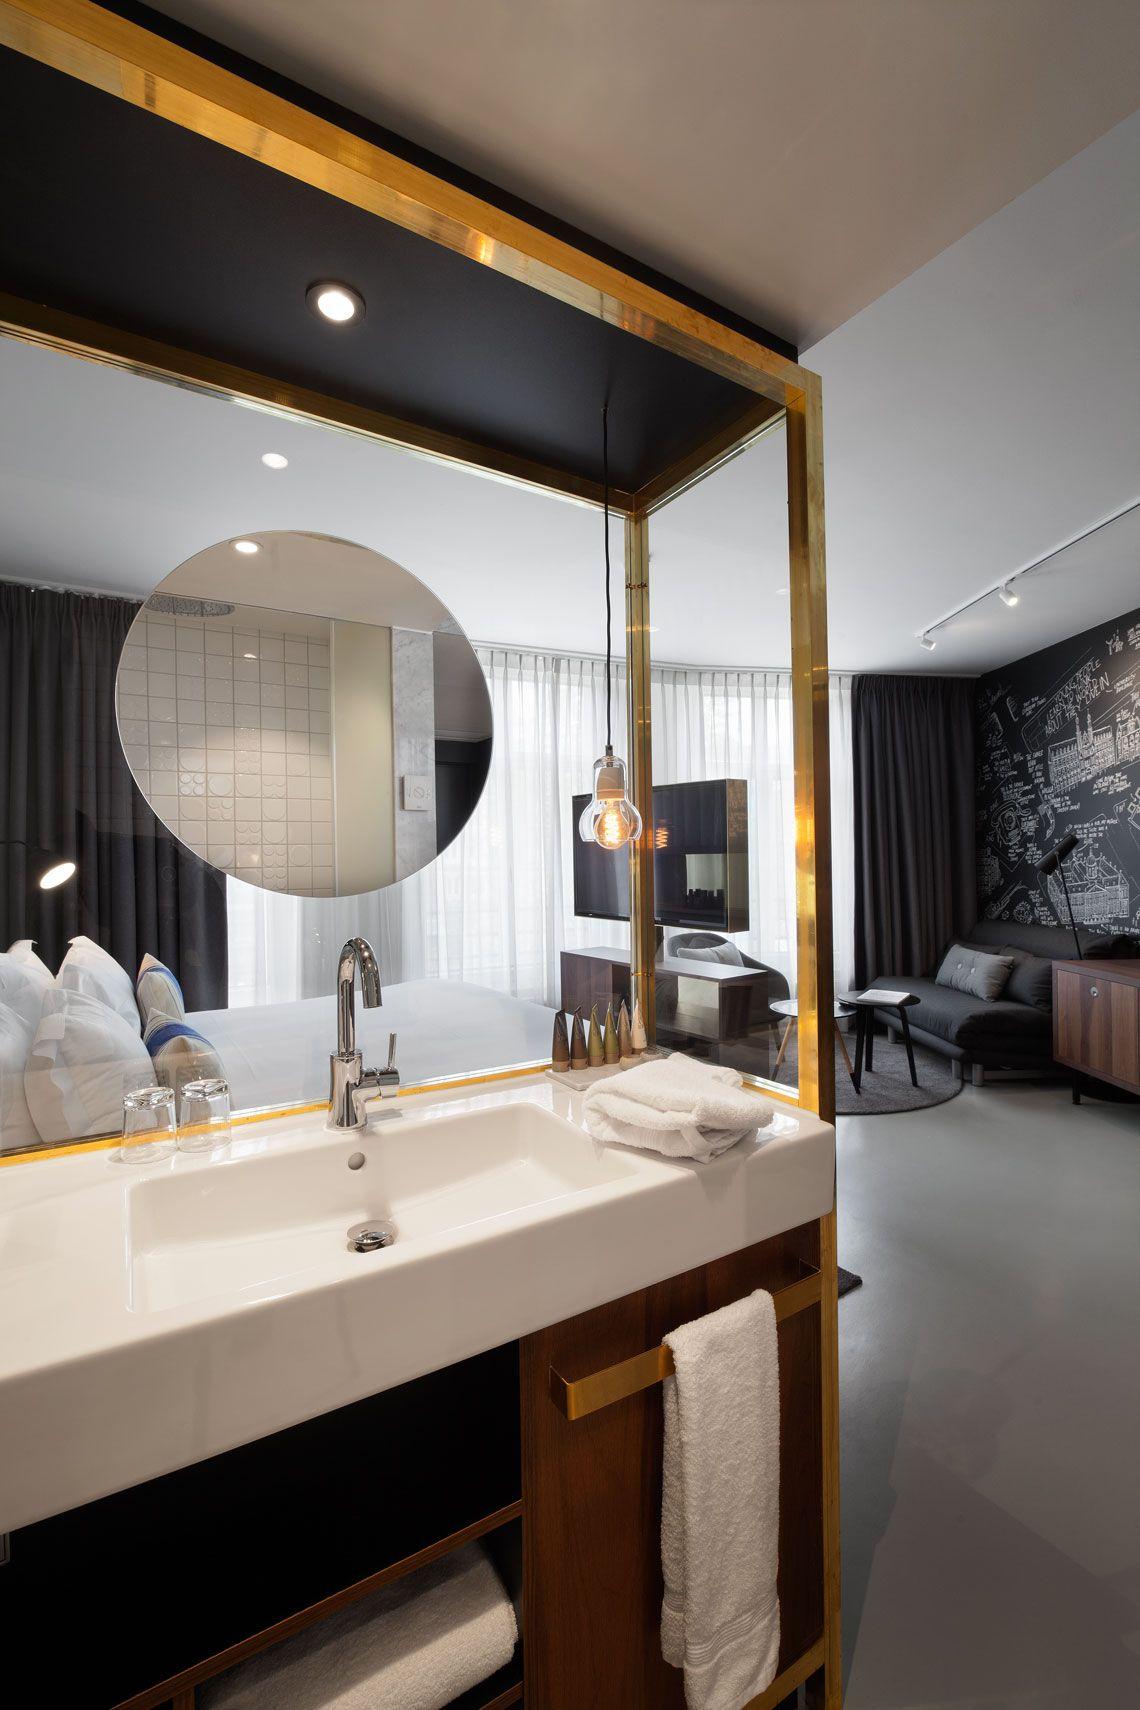 Evier Salle De Bain Facq ~ duravit news indoors public toilet pinterest